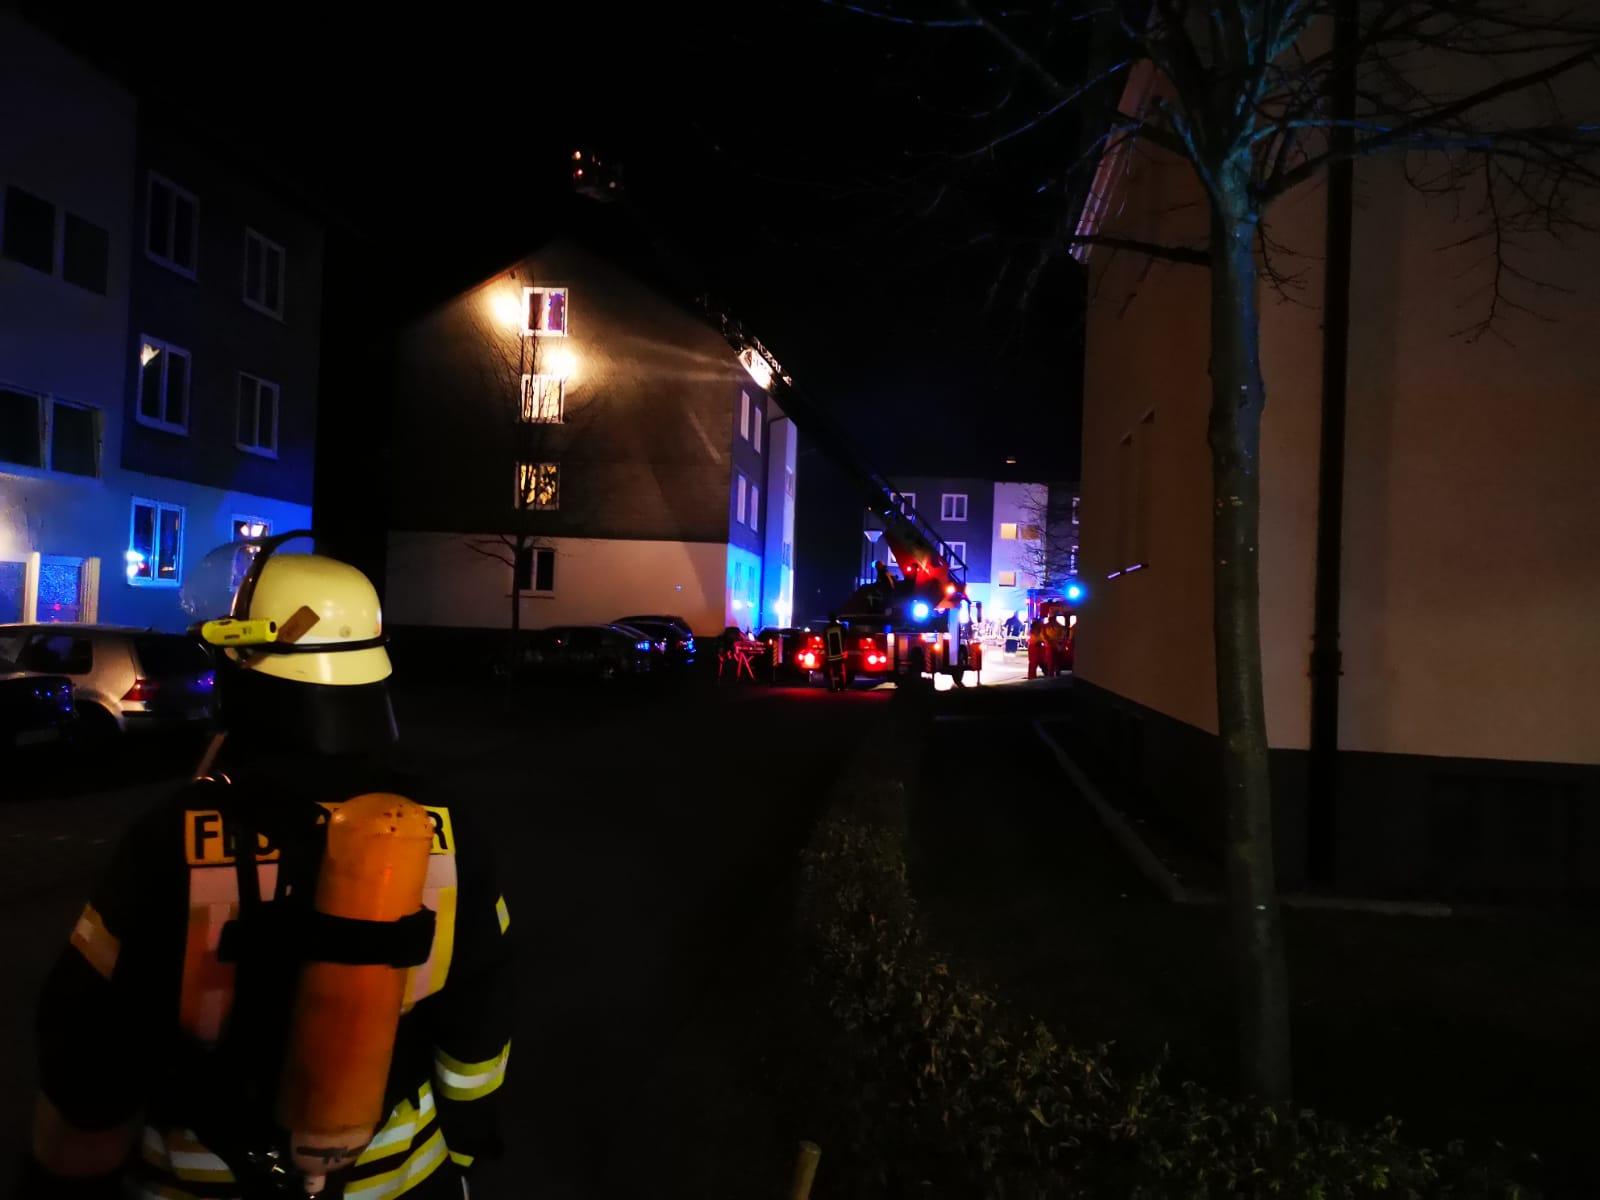 Küchenbrand in Mehrfamilienhaus In der Tränke – schnelles Eingreifen der Feuerwehr begrenzt den Schaden auf Brandwohnung